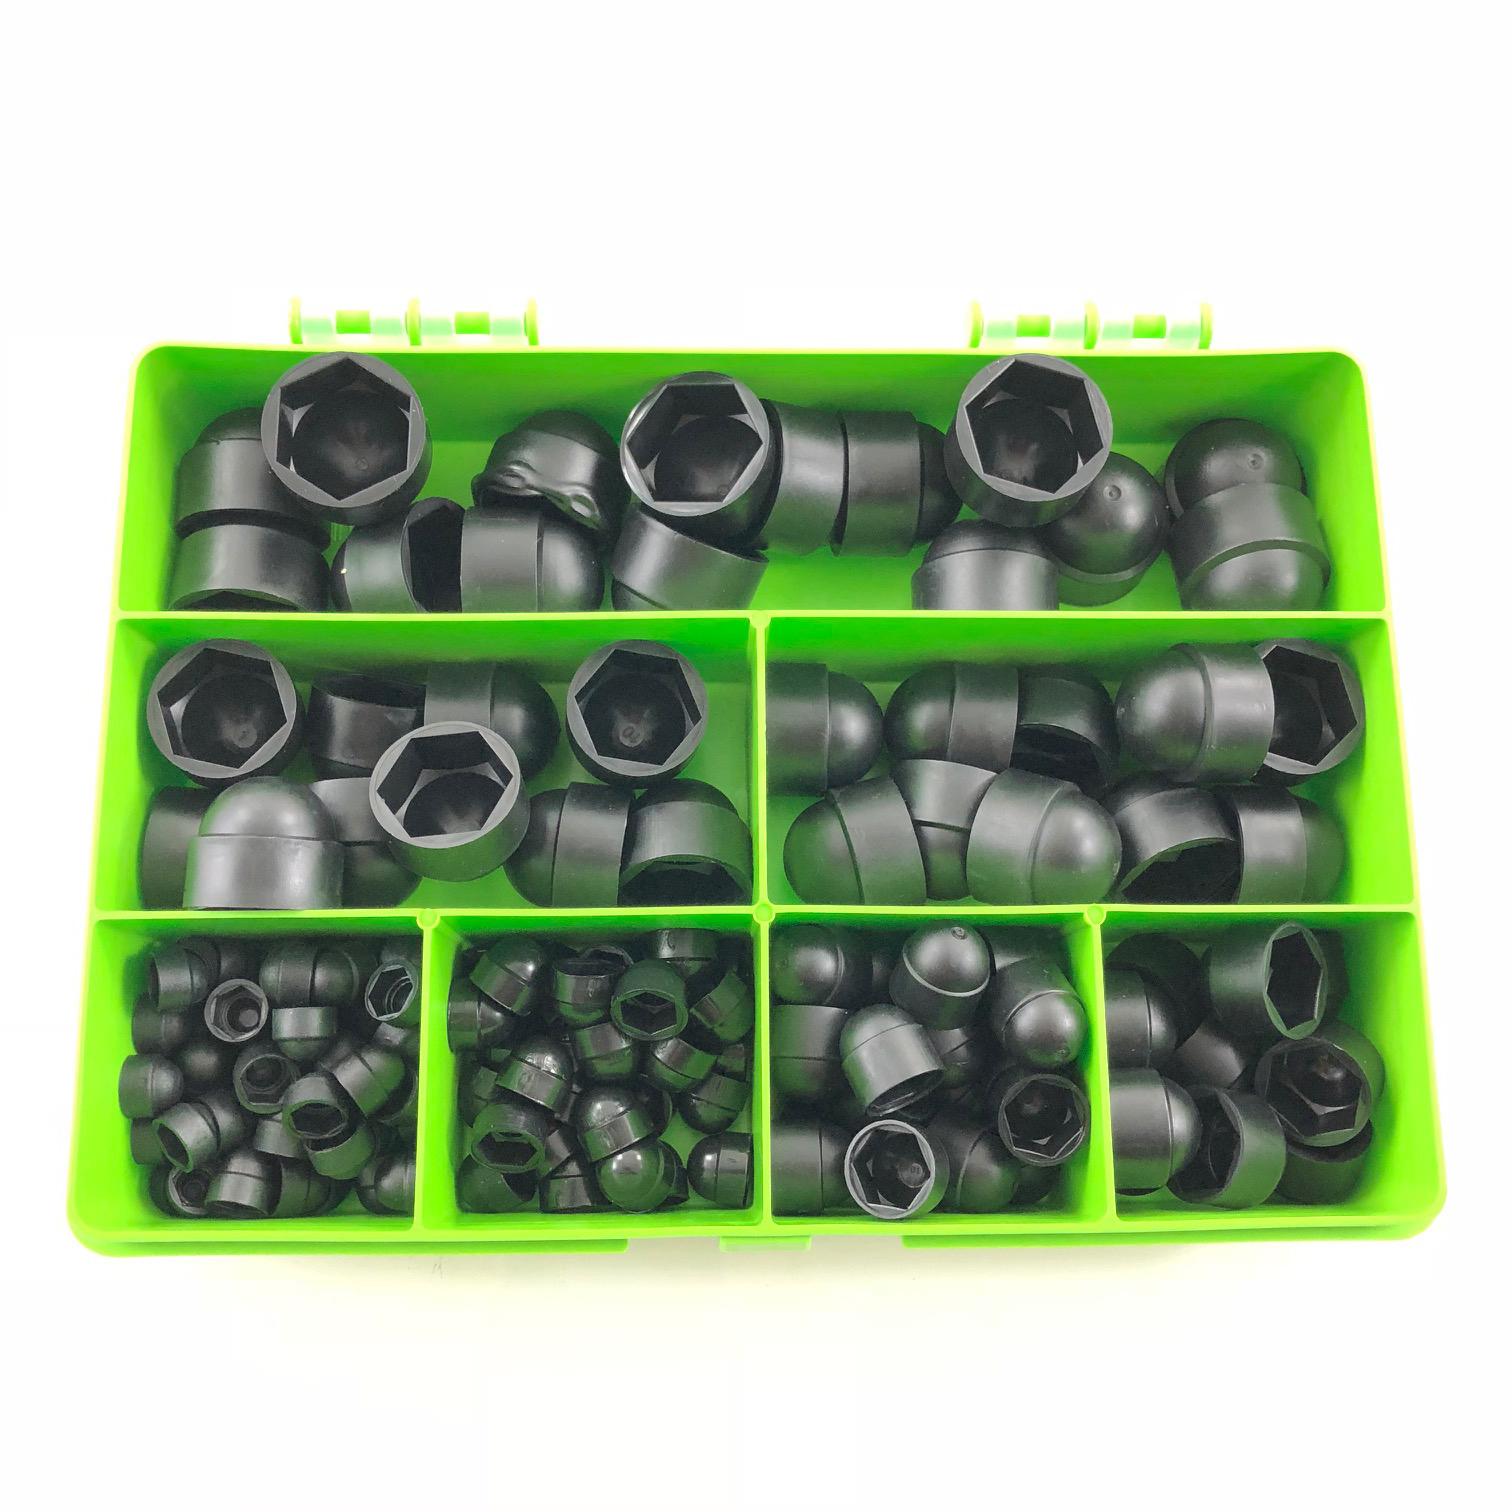 145 ASSORTED PIECE PLASTIC NUT /& BOLT COVERS M4 M5 M6 M8 M10 M12 KIT BLACK